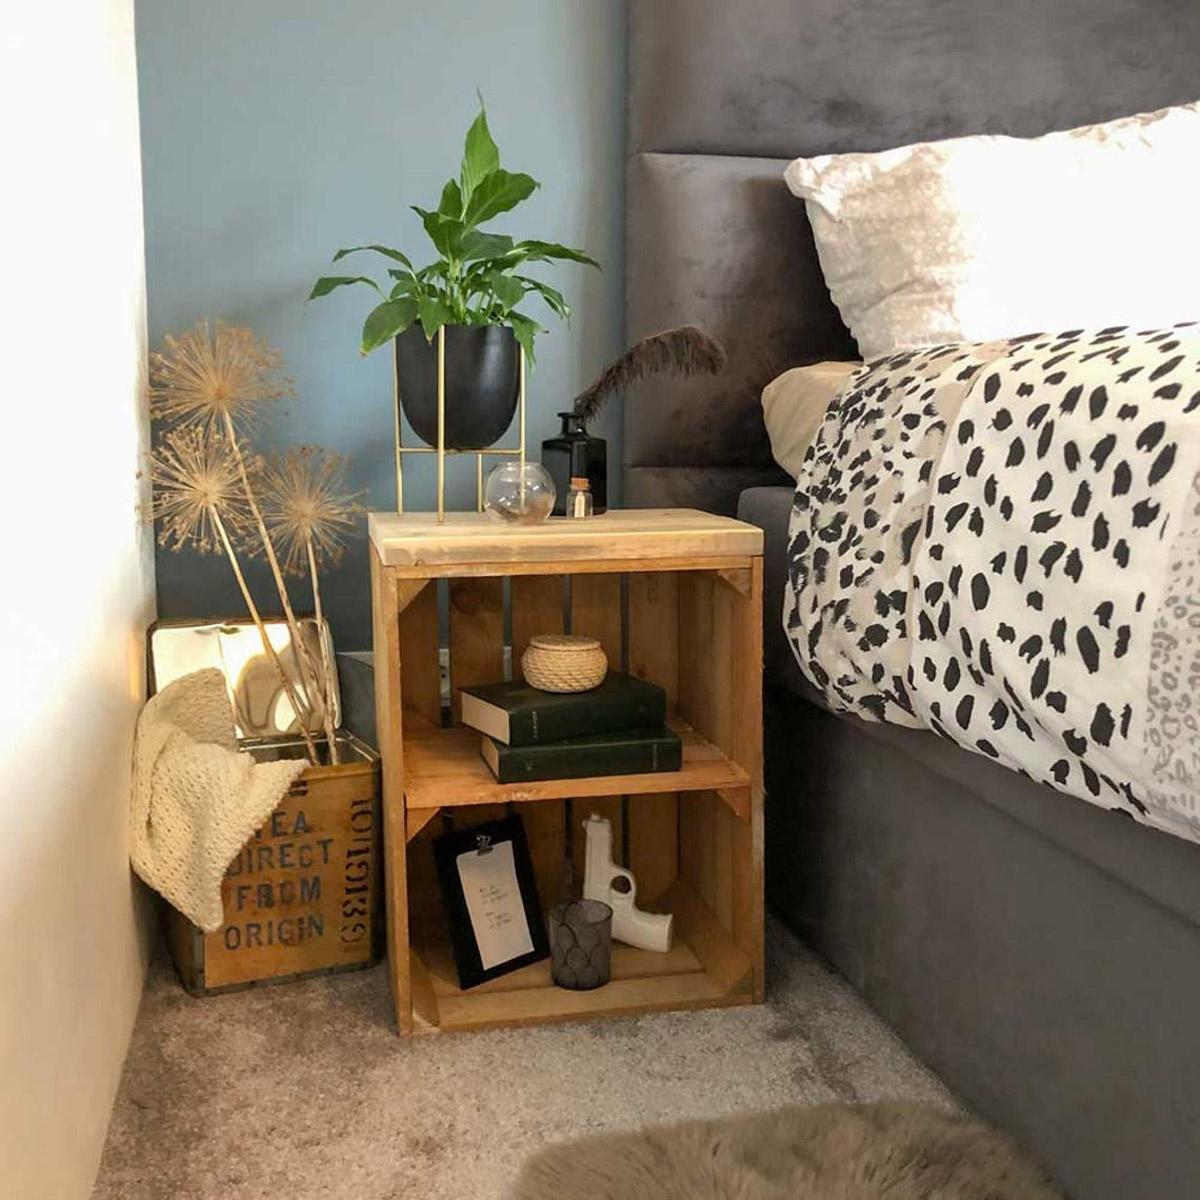 Un bel comodino fai da te realizzato con una cassetta di legno.